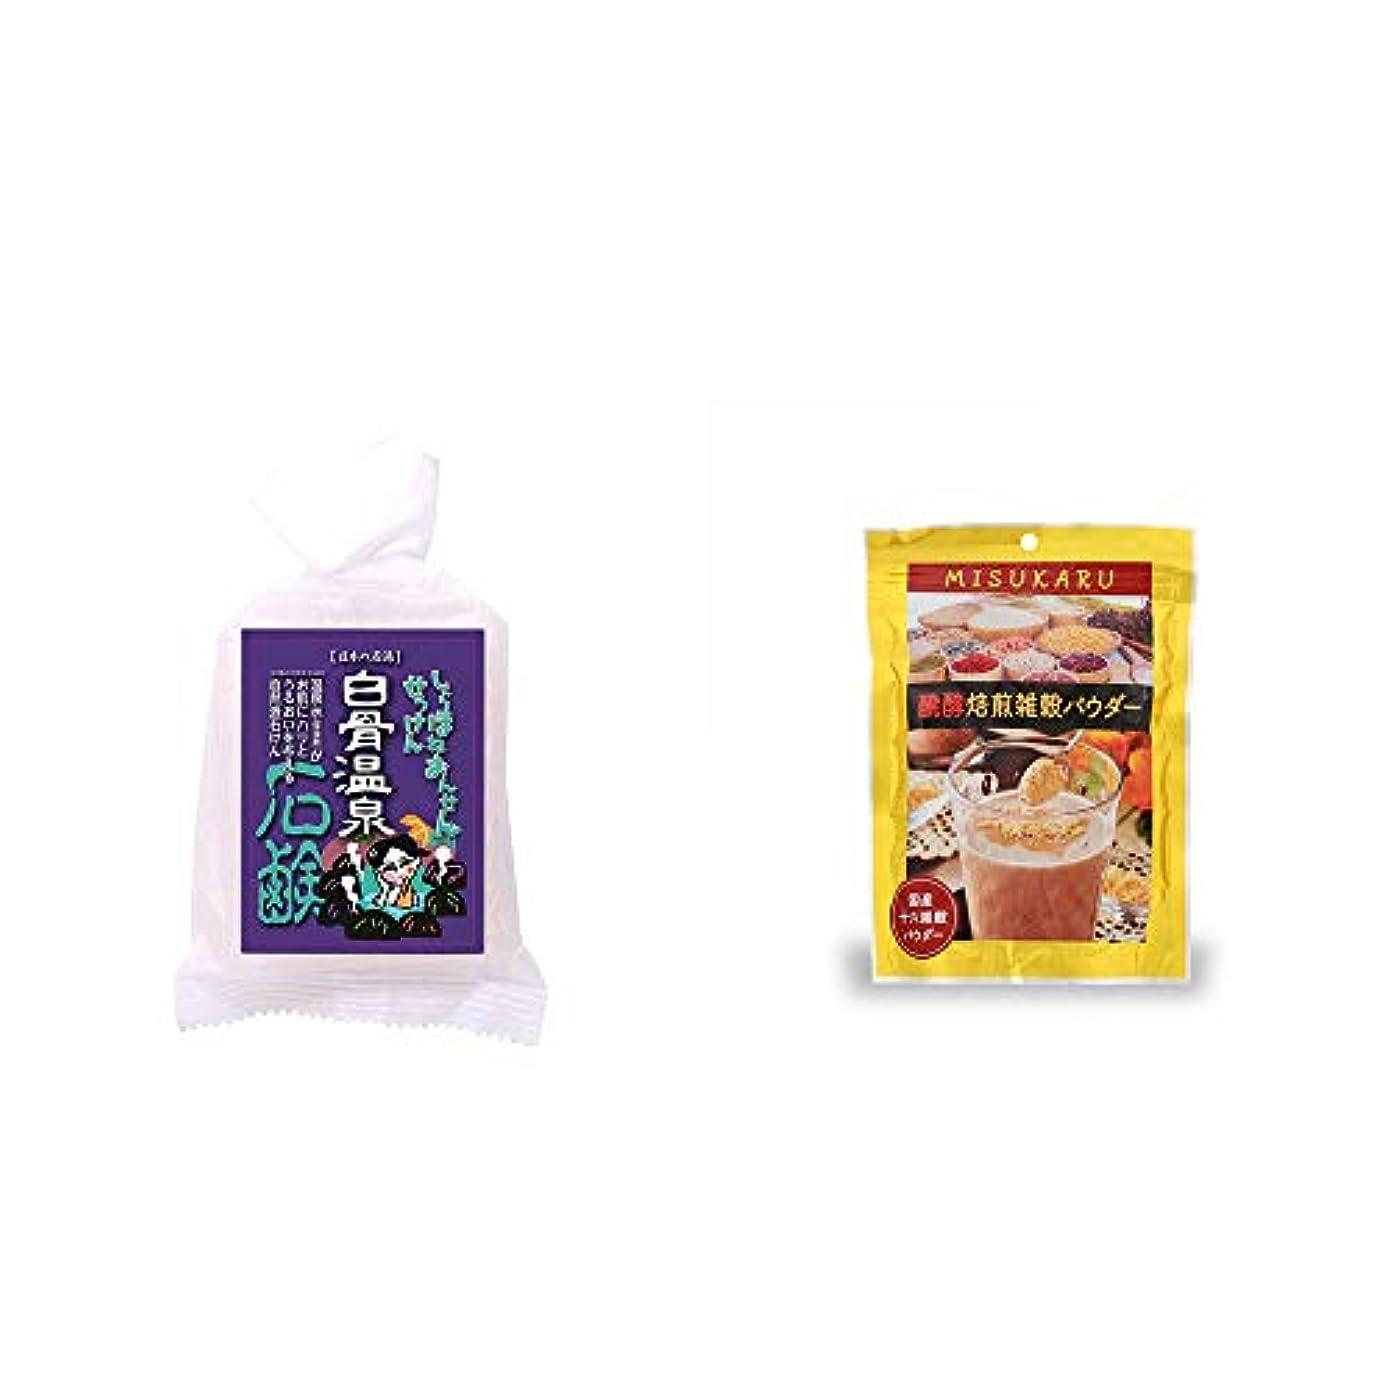 つぼみ用量売り手[2点セット] 信州 白骨温泉石鹸(80g)?醗酵焙煎雑穀パウダー MISUKARU(ミスカル)(200g)